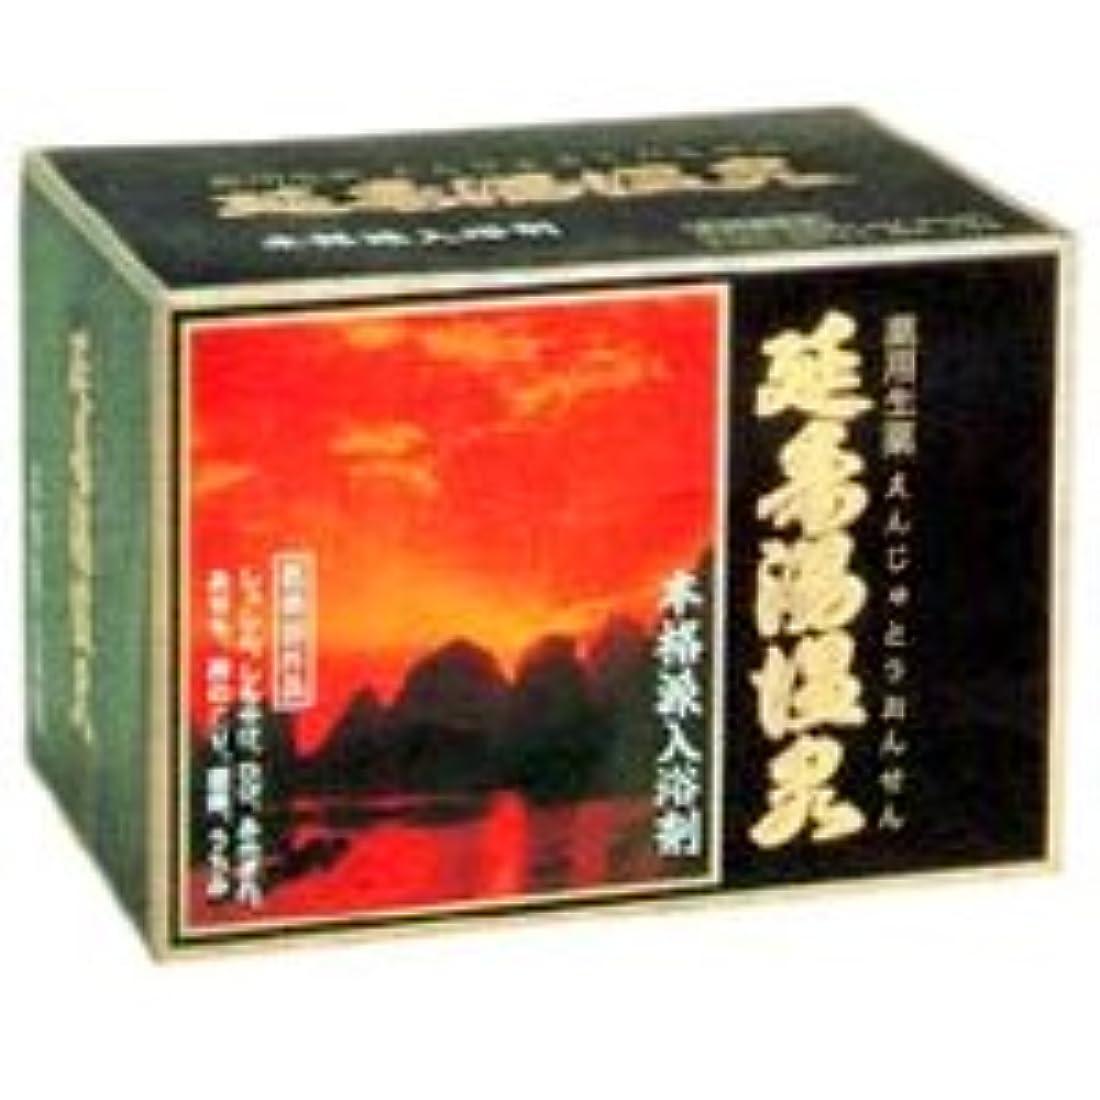 艦隊道徳の共産主義入浴剤 延寿湯温泉(えんじゅとう)12包入×3箱+5包おまけ 天然生薬配合 医薬部外品